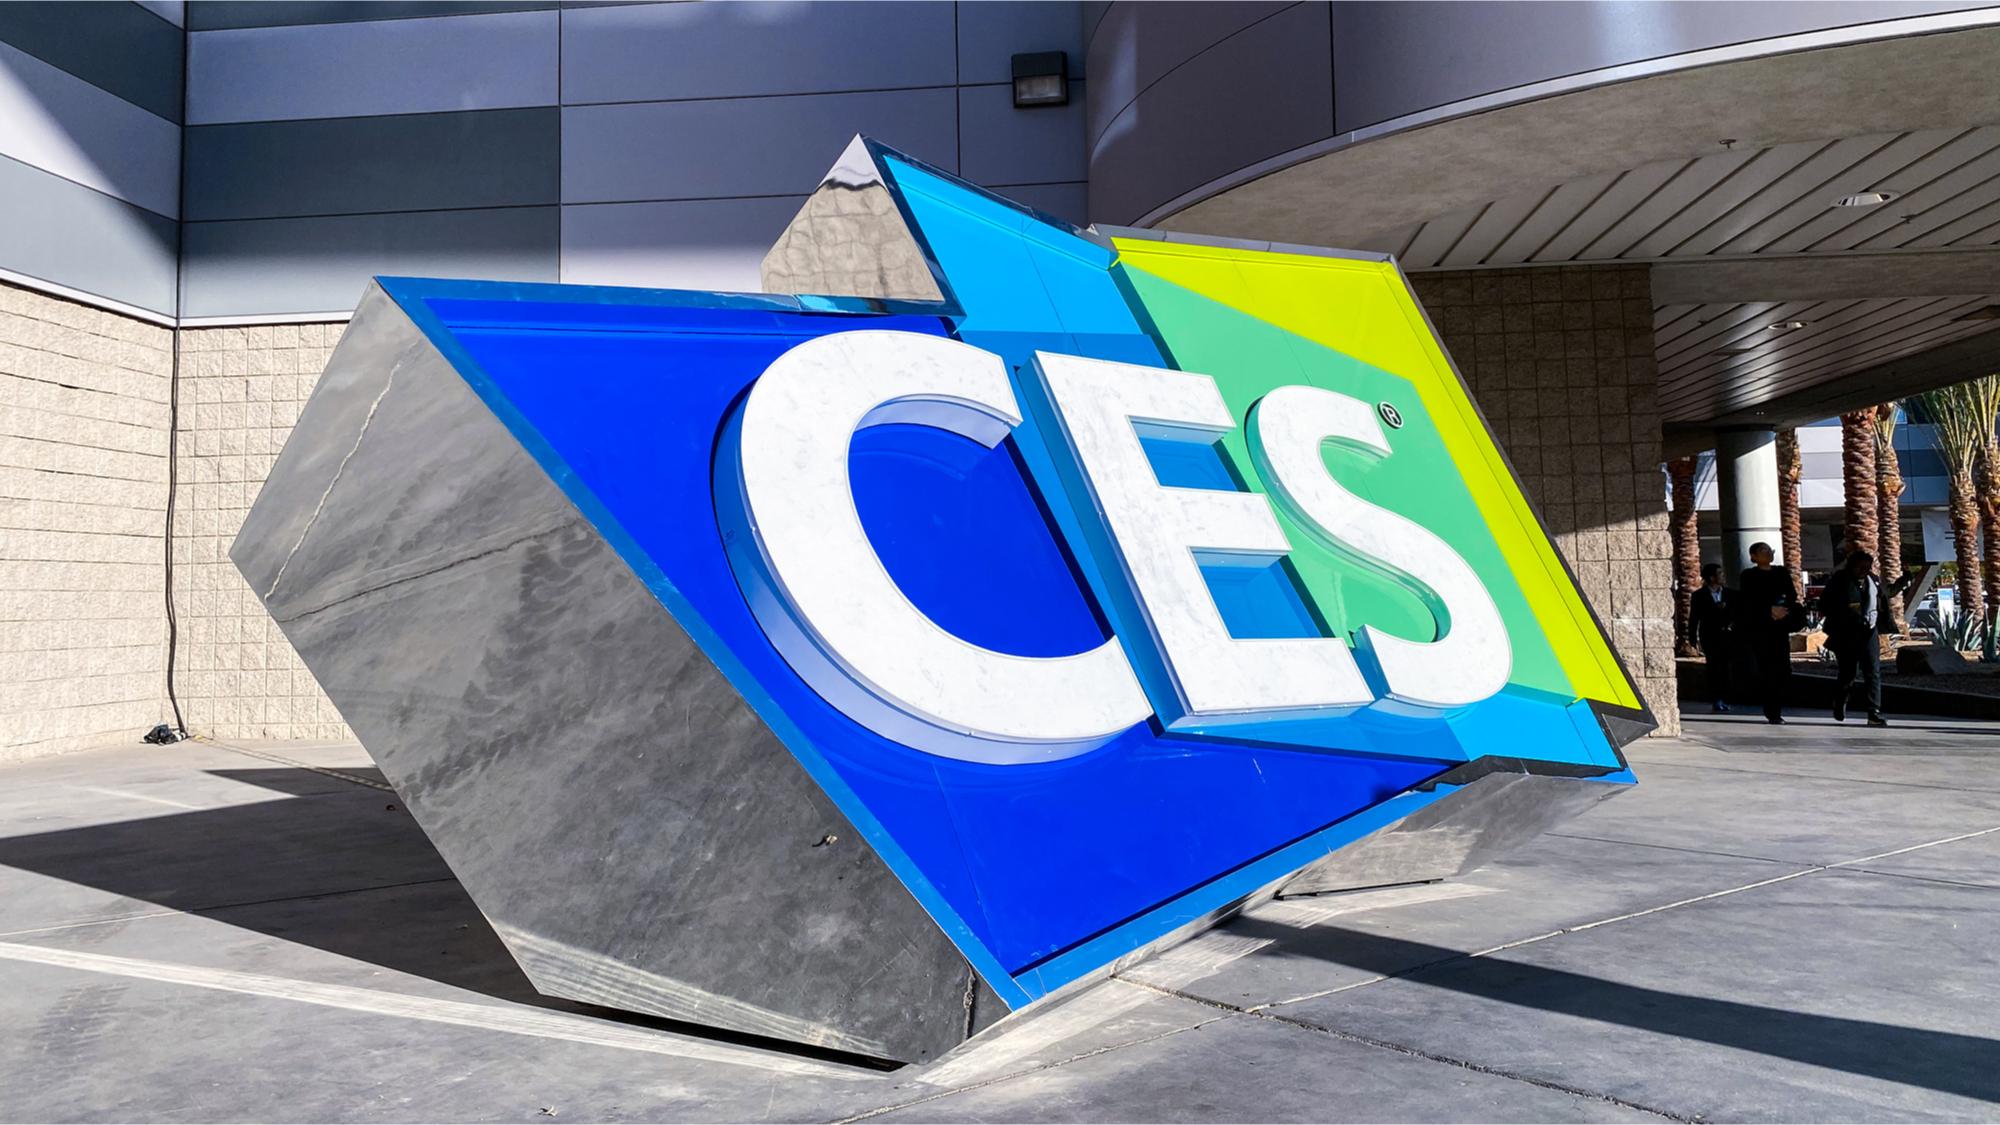 CES Las Vegas 2022